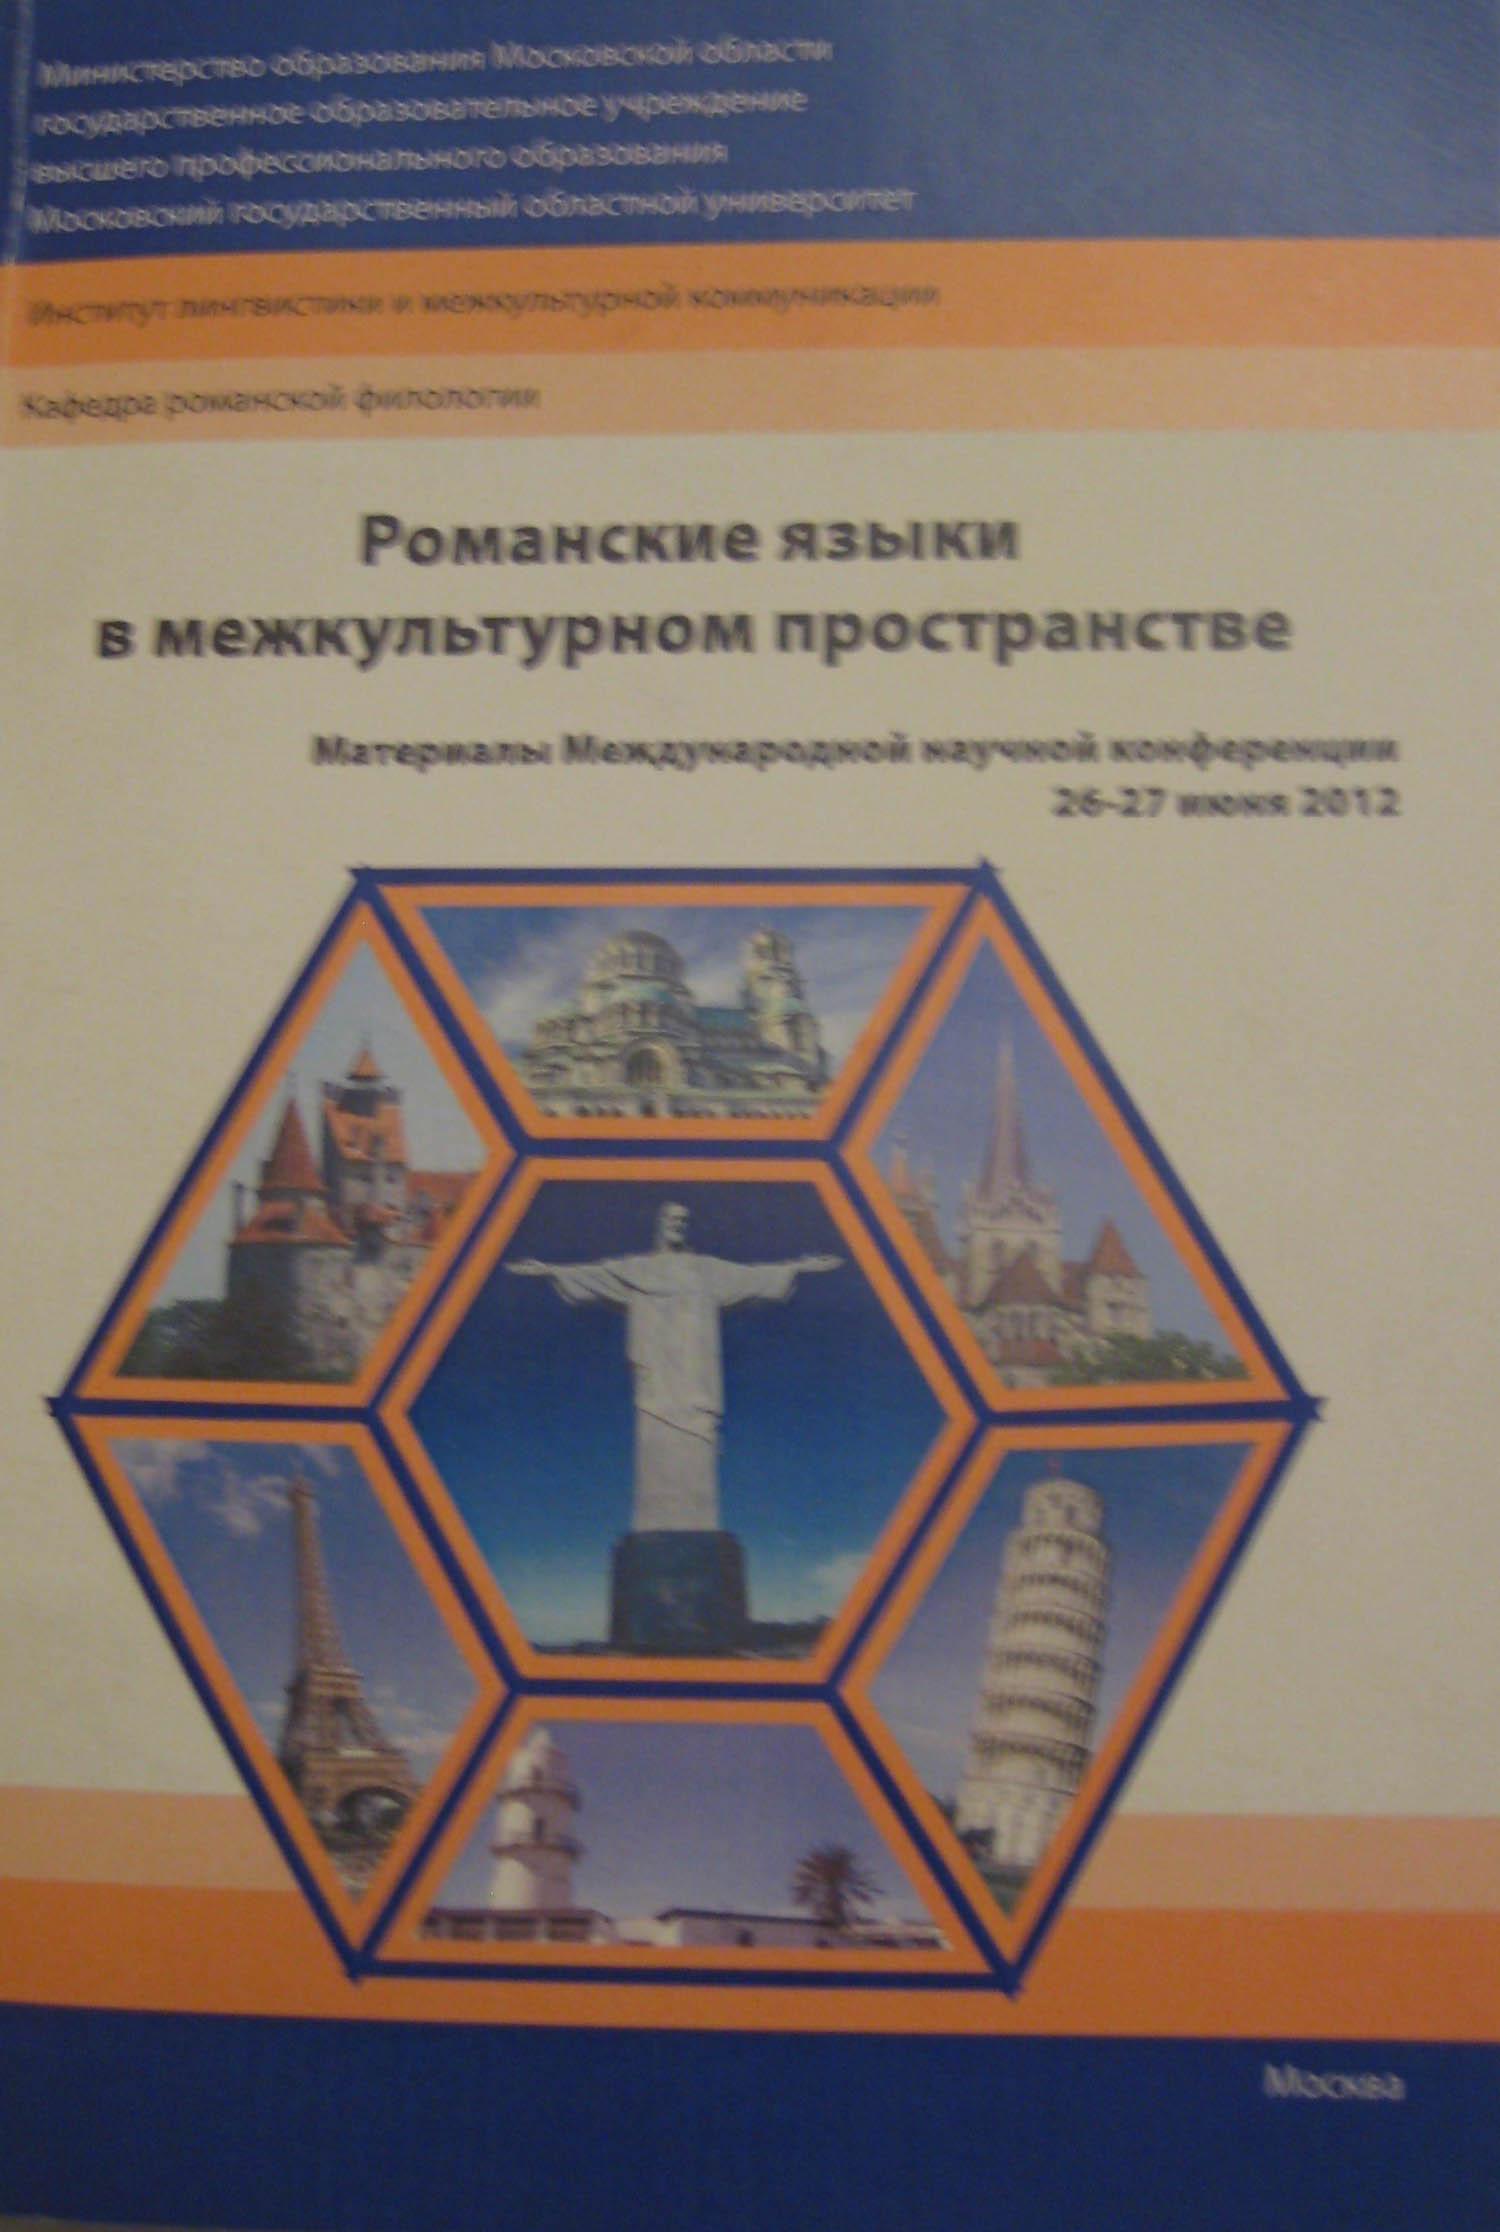 Экономический дискурс как объект междисциплинарных исследований (обзор научных концепций)